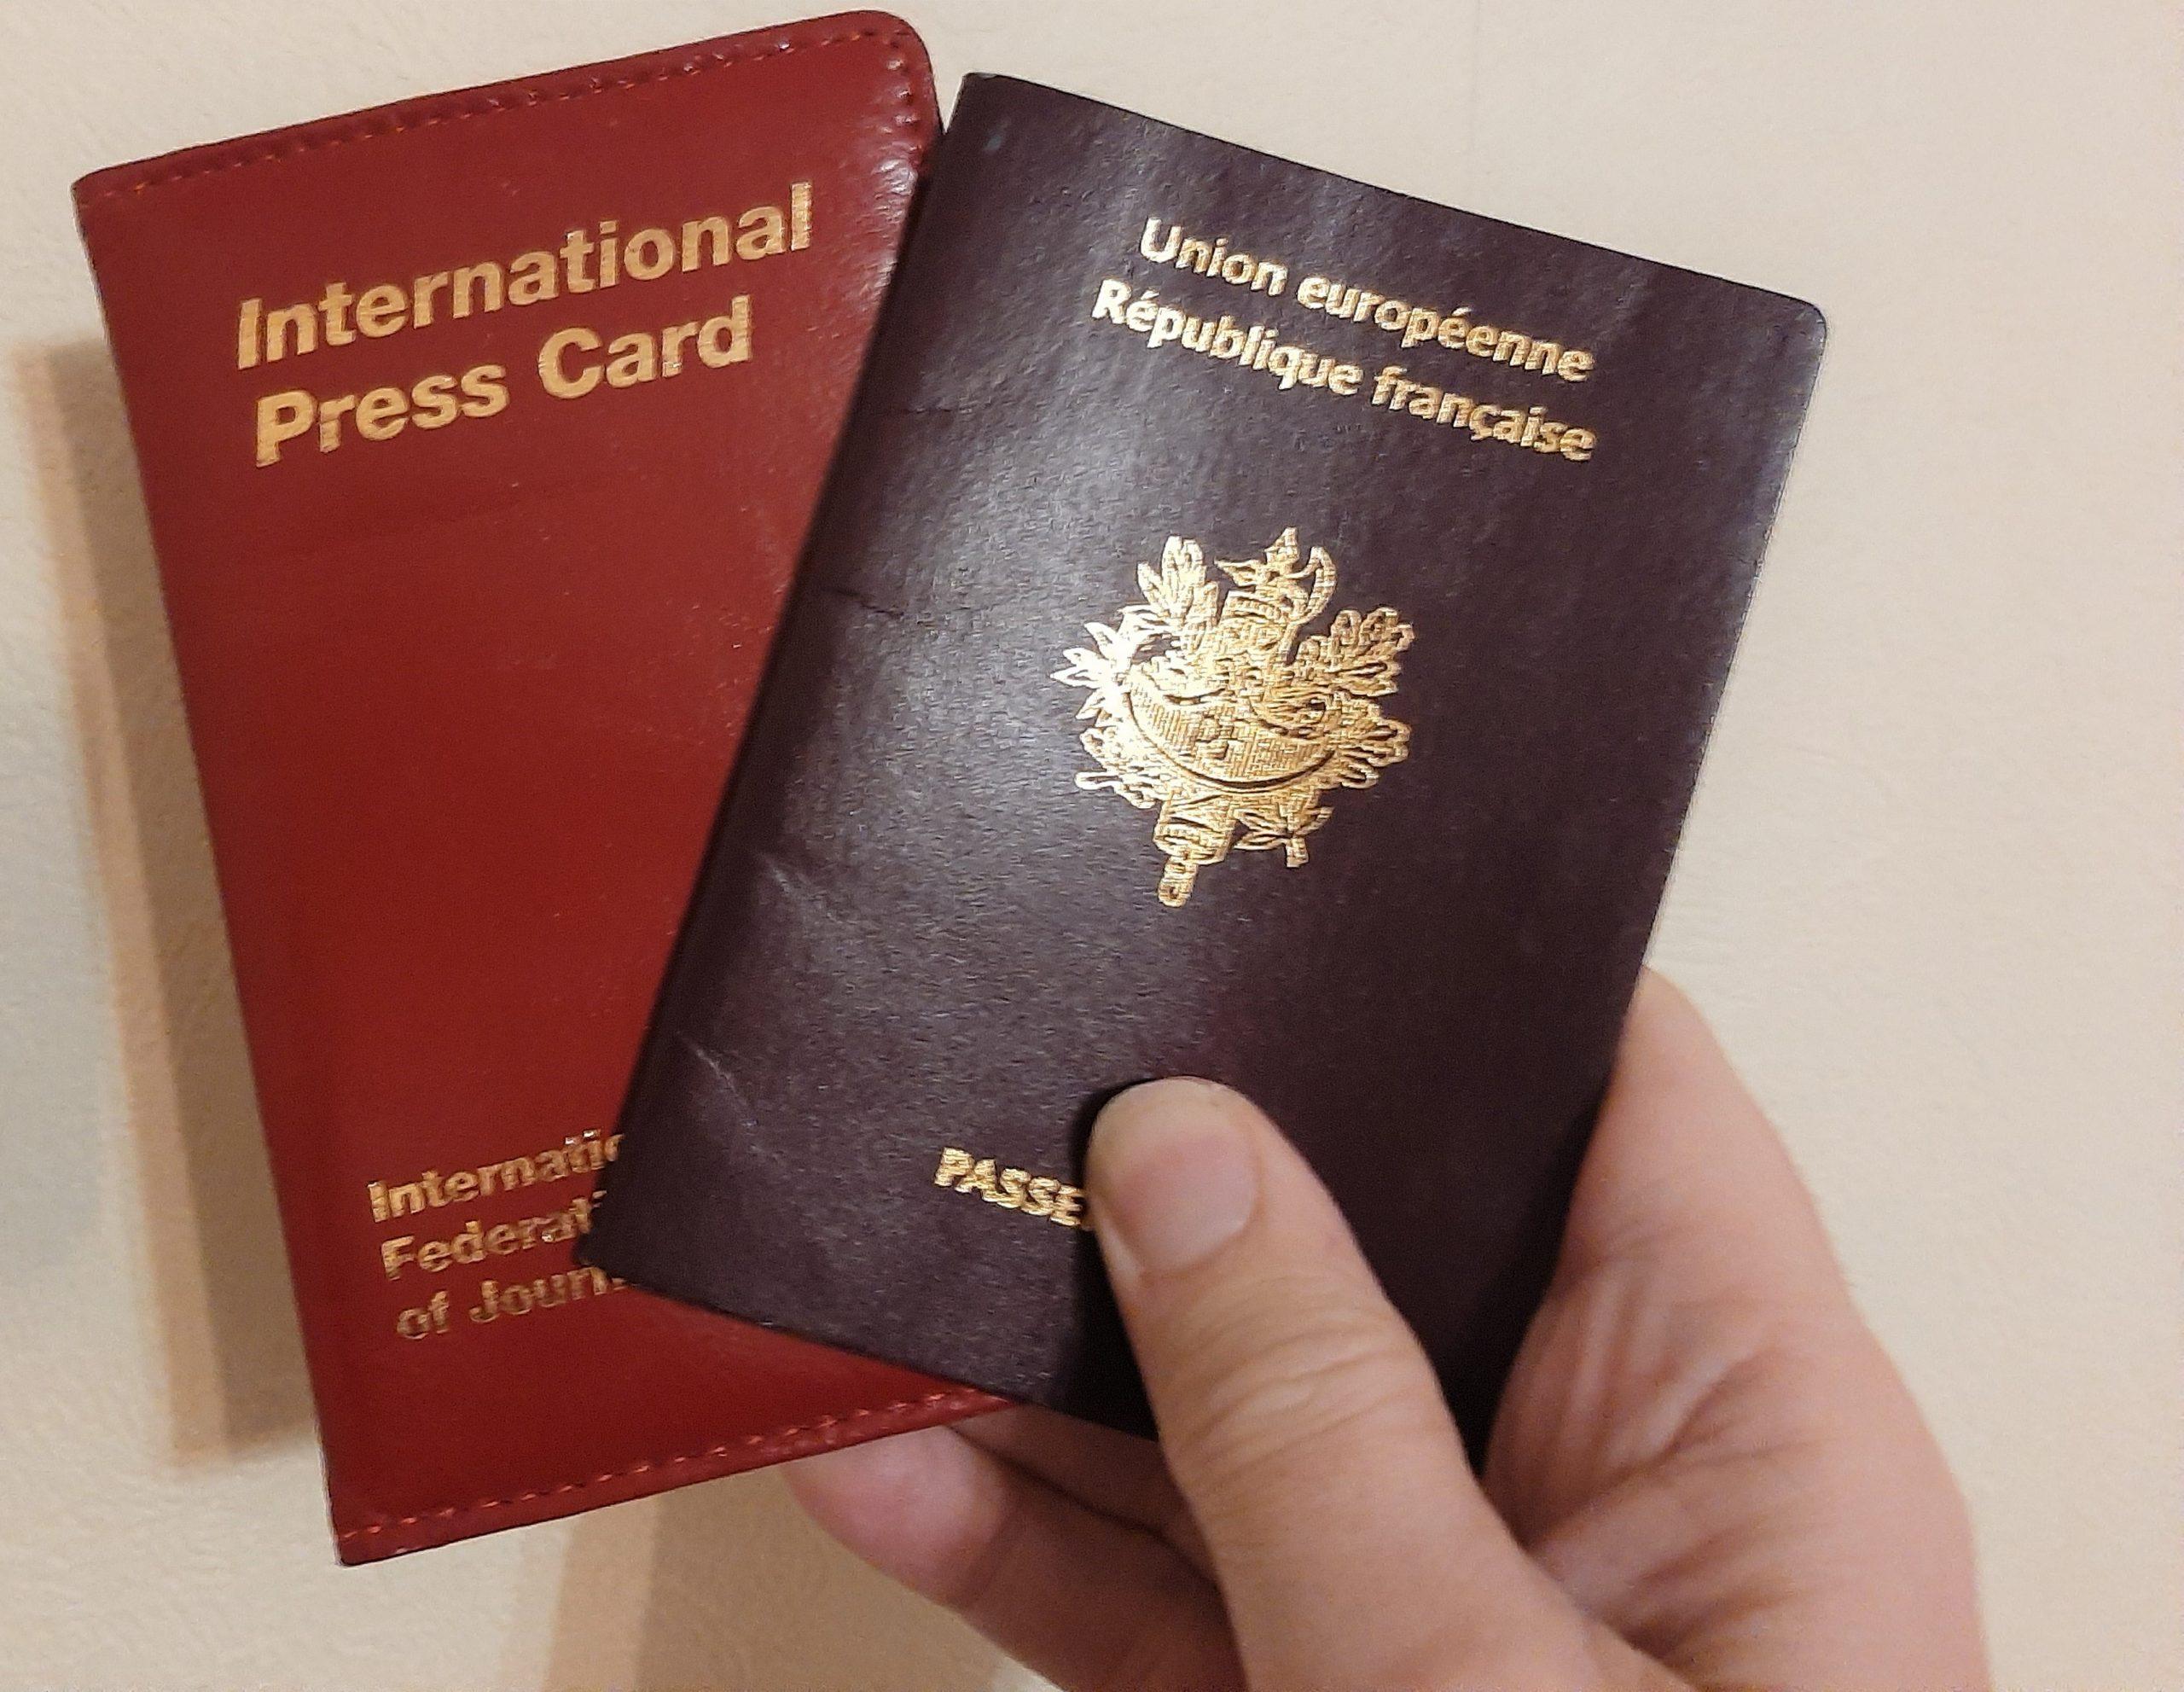 Reportages en Grande-Bretagne: l'ambassade ne reconnaît pas la carte de presse française